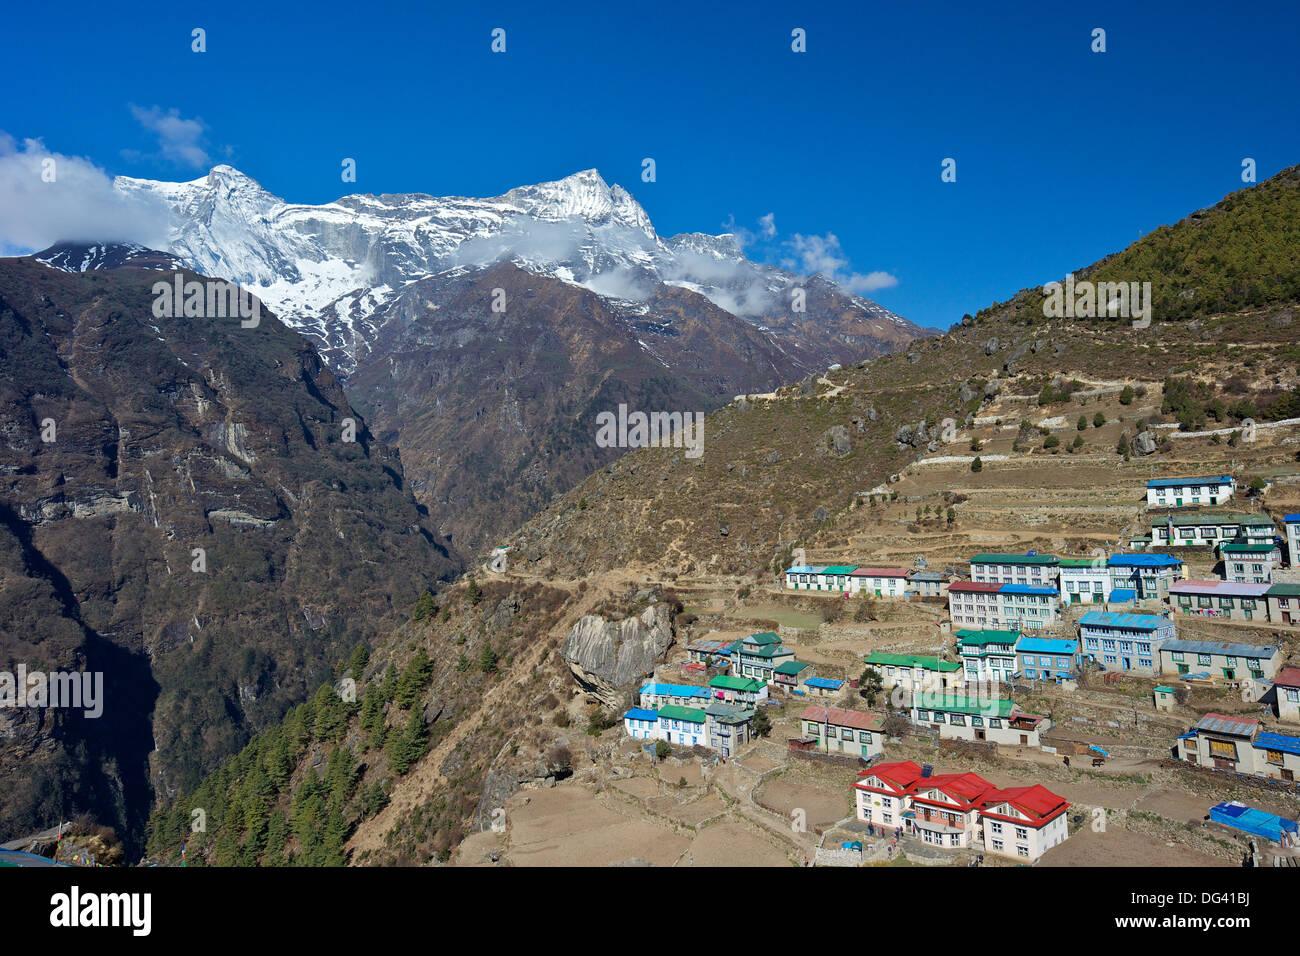 Namche Bazaar, Nepal, Himalayas, Asia - Stock Image